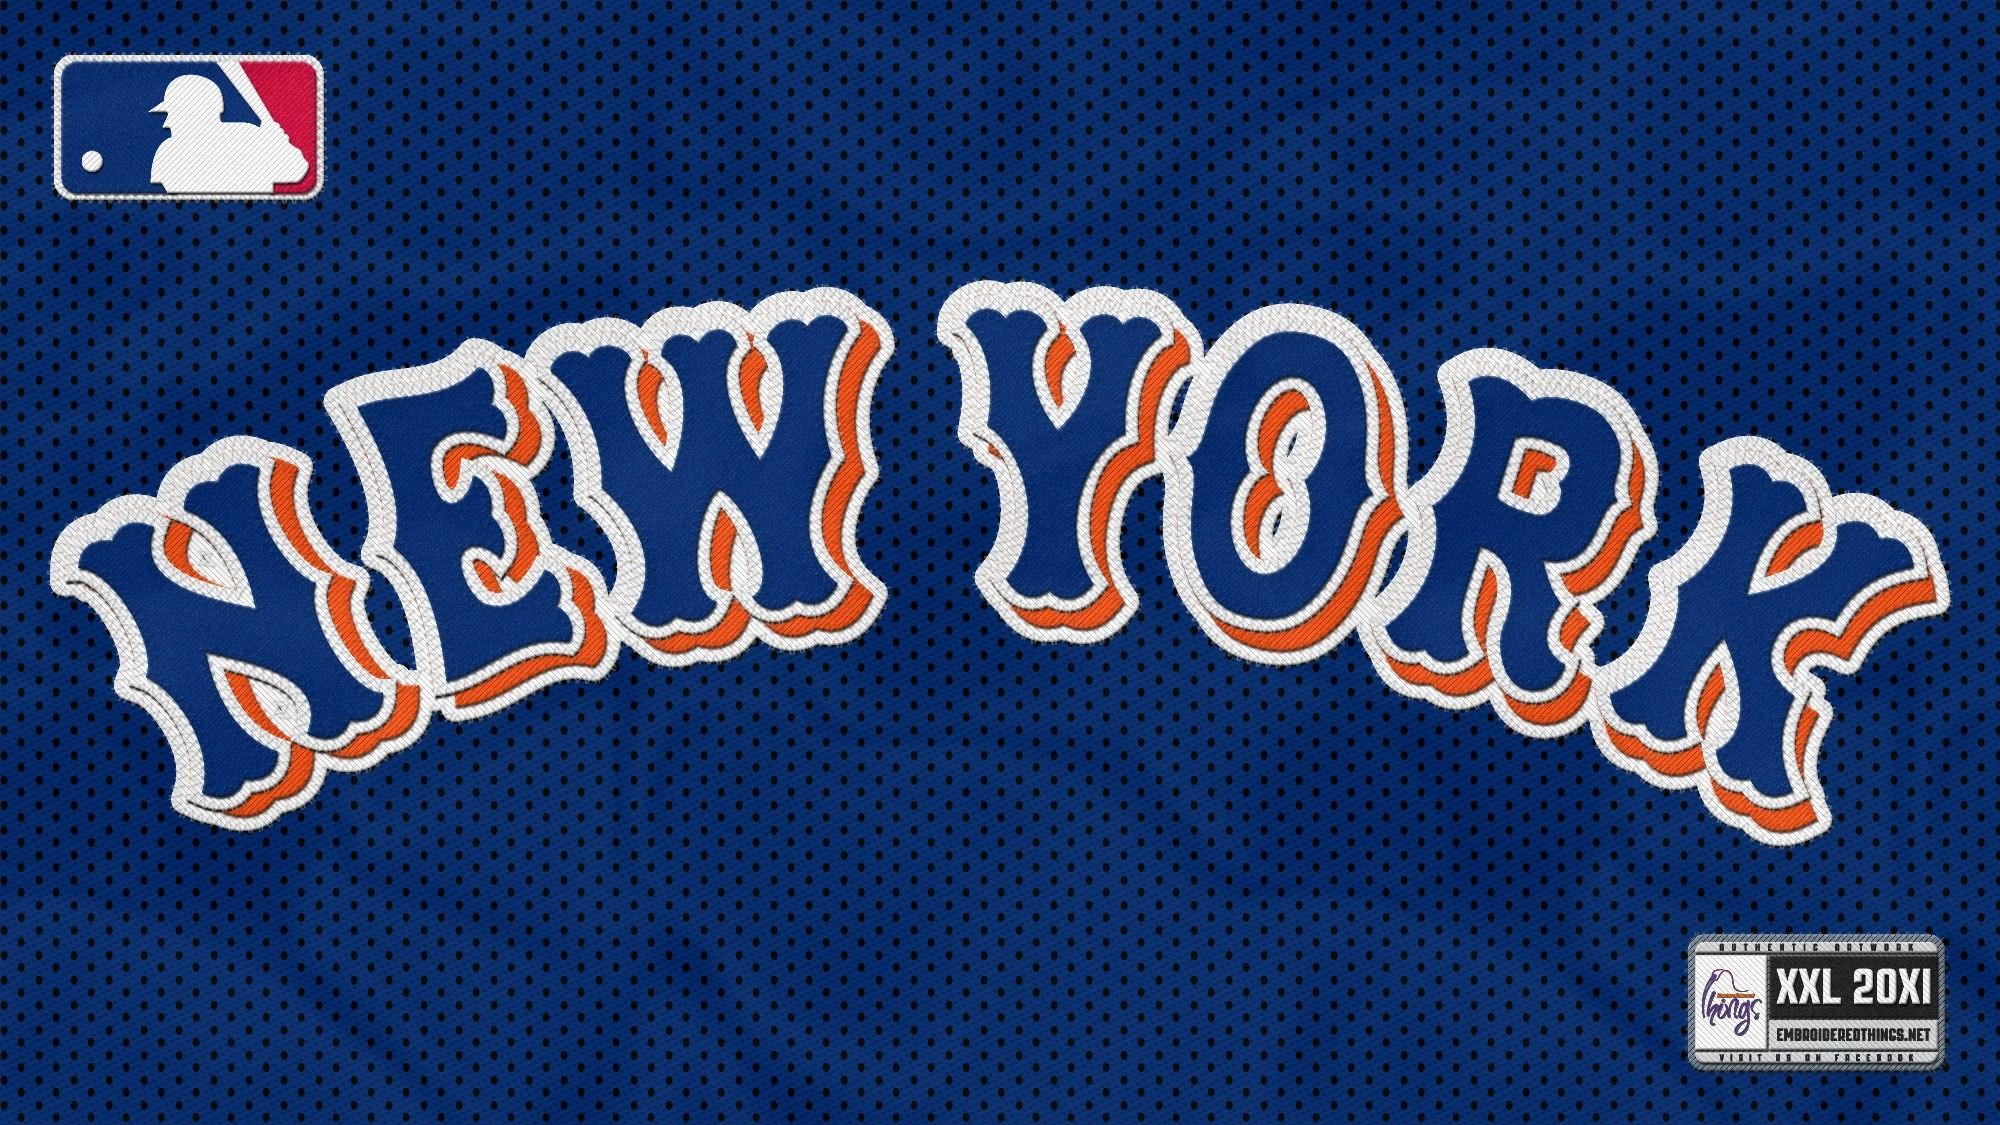 Hd Mets Wallpapers Pixelstalk Net. 12 Hd New York Mets Wallpapers